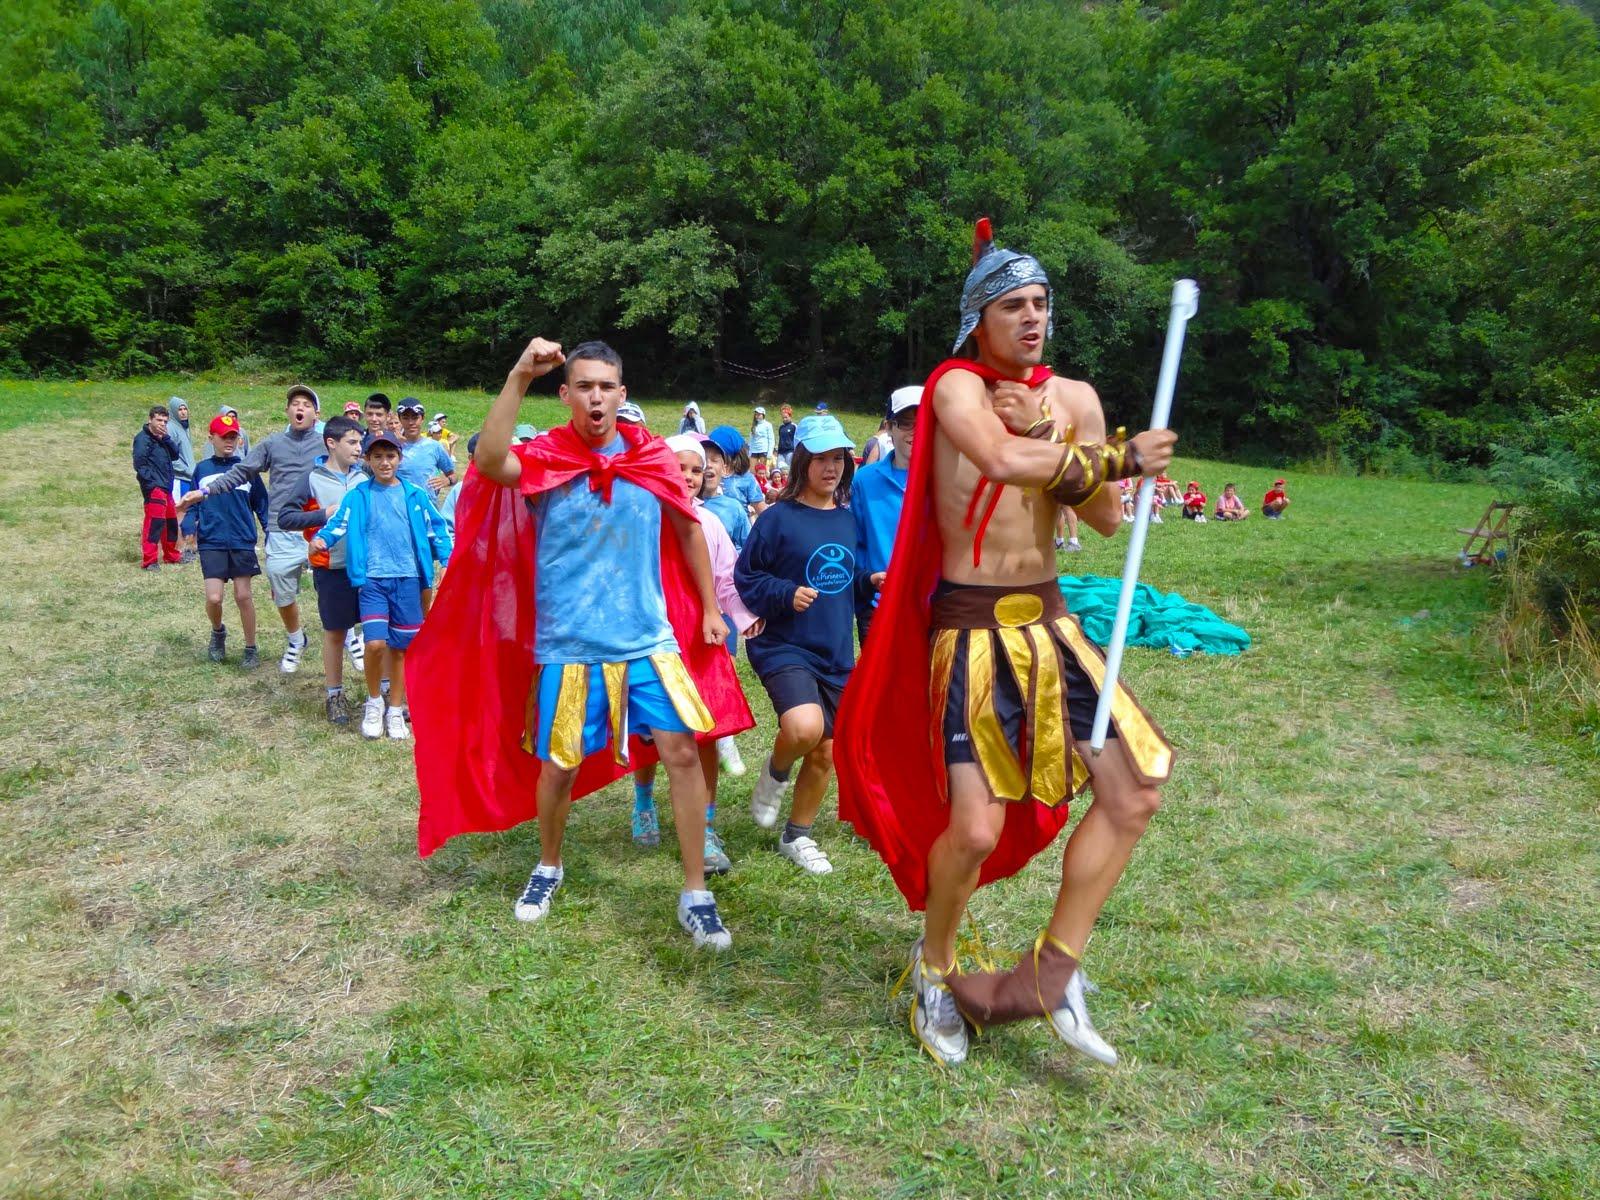 Campamento Atreyu Siresa 2011: Cuarto día en el campamento...